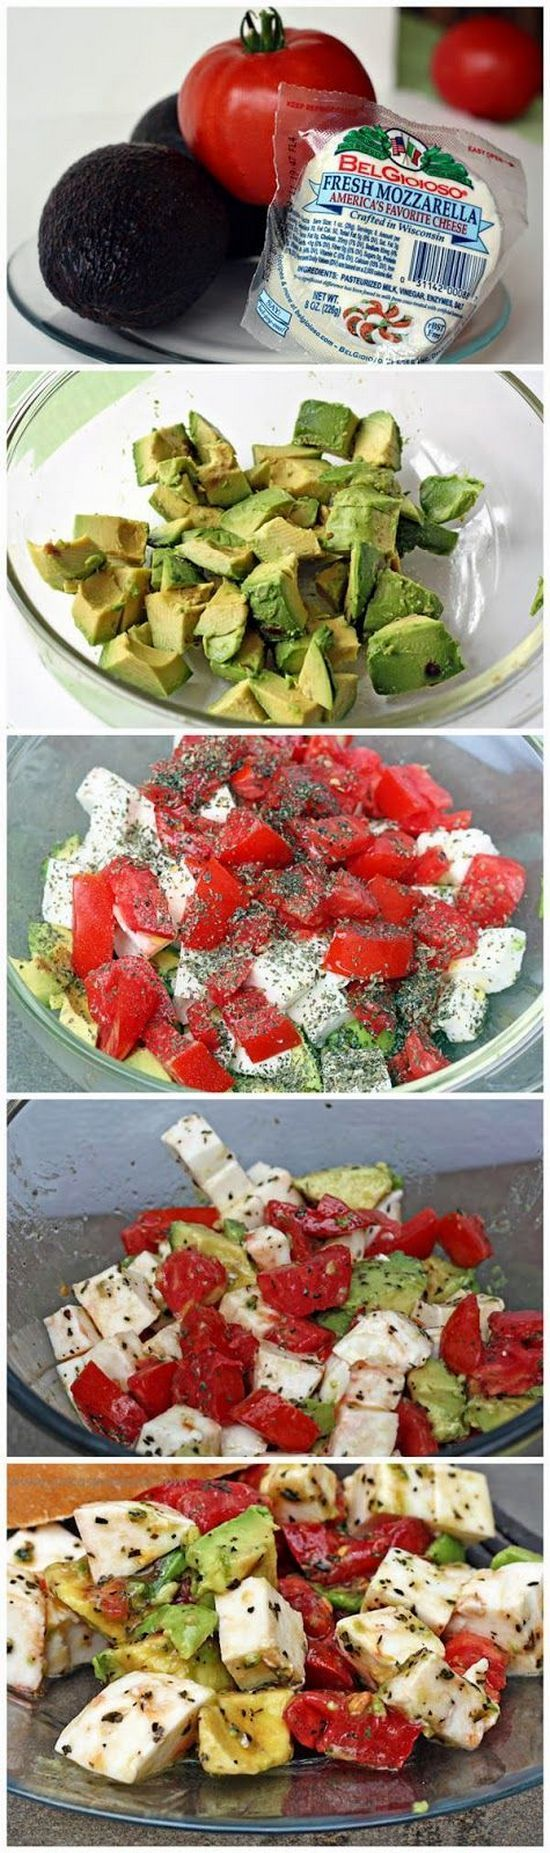 Avocado / Tomato /Mozzarella Salad Recipe | CookJino